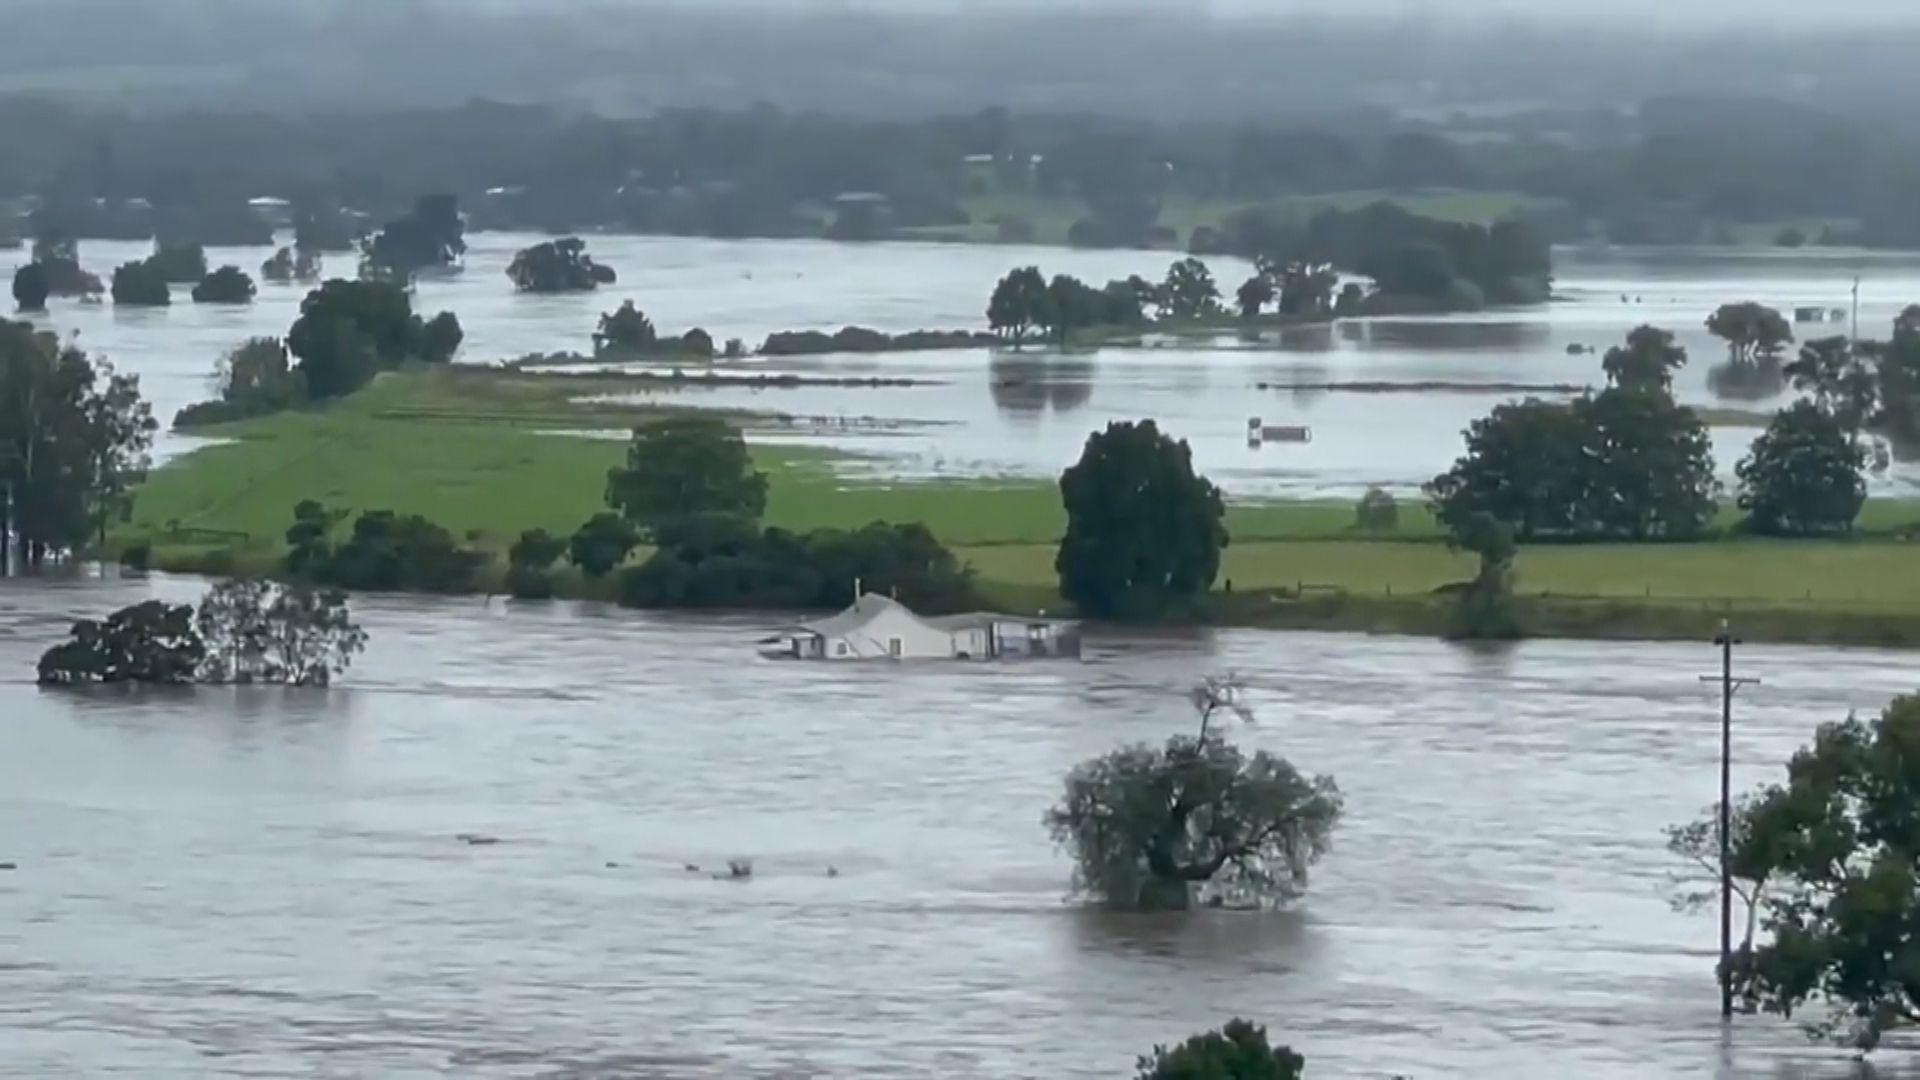 澳洲新南威爾士州暴雨持續 多地民眾撤離